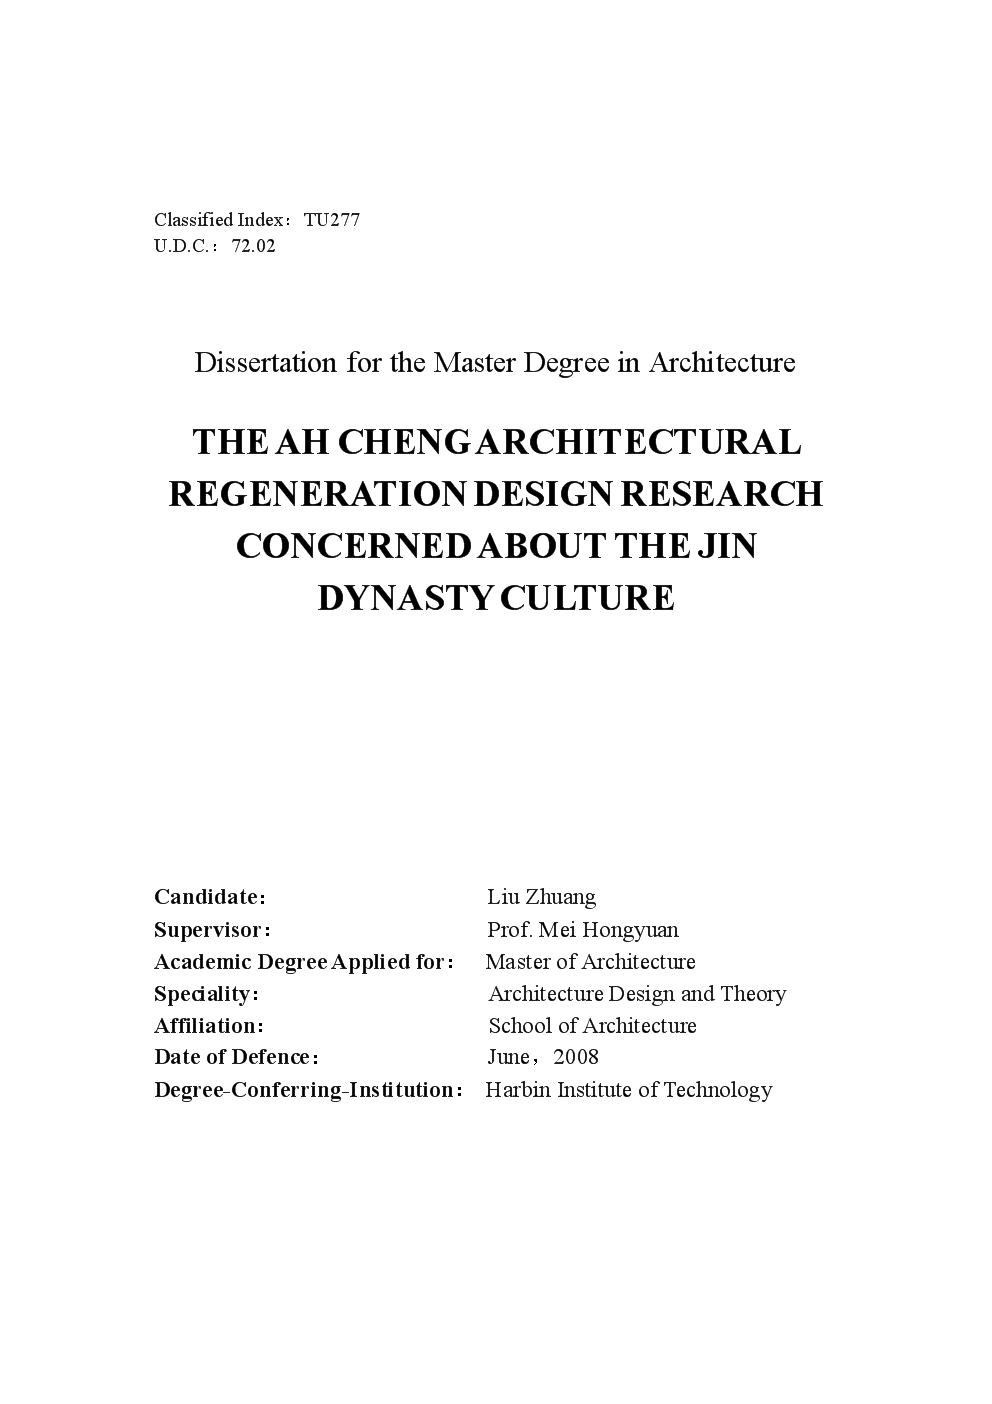 金源文化影响下的阿城街区建筑改造设计研究-建筑设计及其理论专业论文.docx